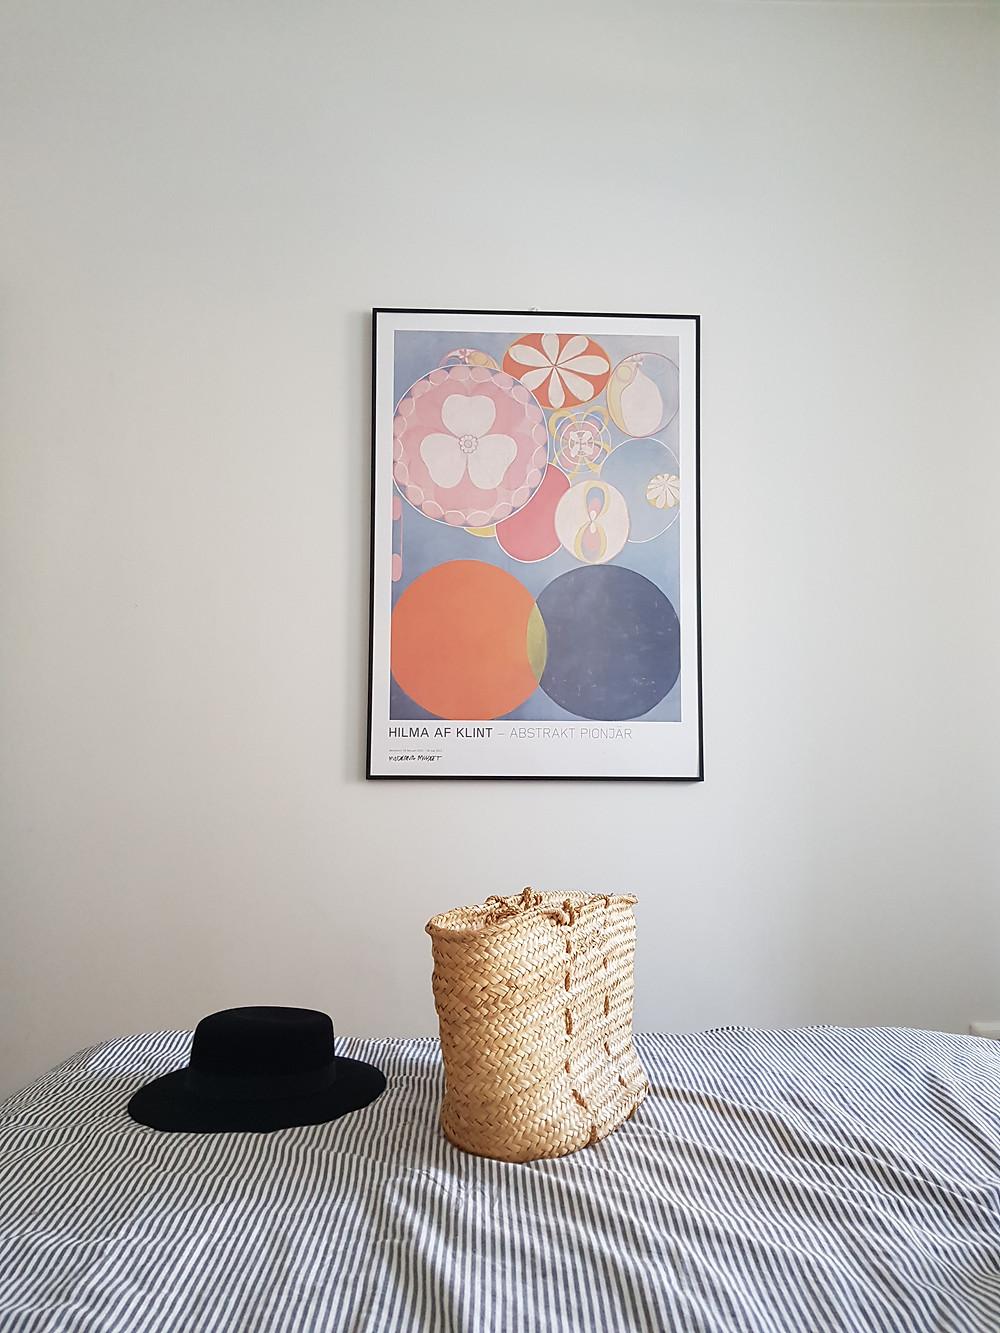 Kuva on otettu sängynpäädystä, sängyllä on valko harmaa raidalliset lakanat, sen päällä beige korilaukku ja musta lierihattu. Seinällä on julistetaulu Hilma f Klintin maalauksesta.